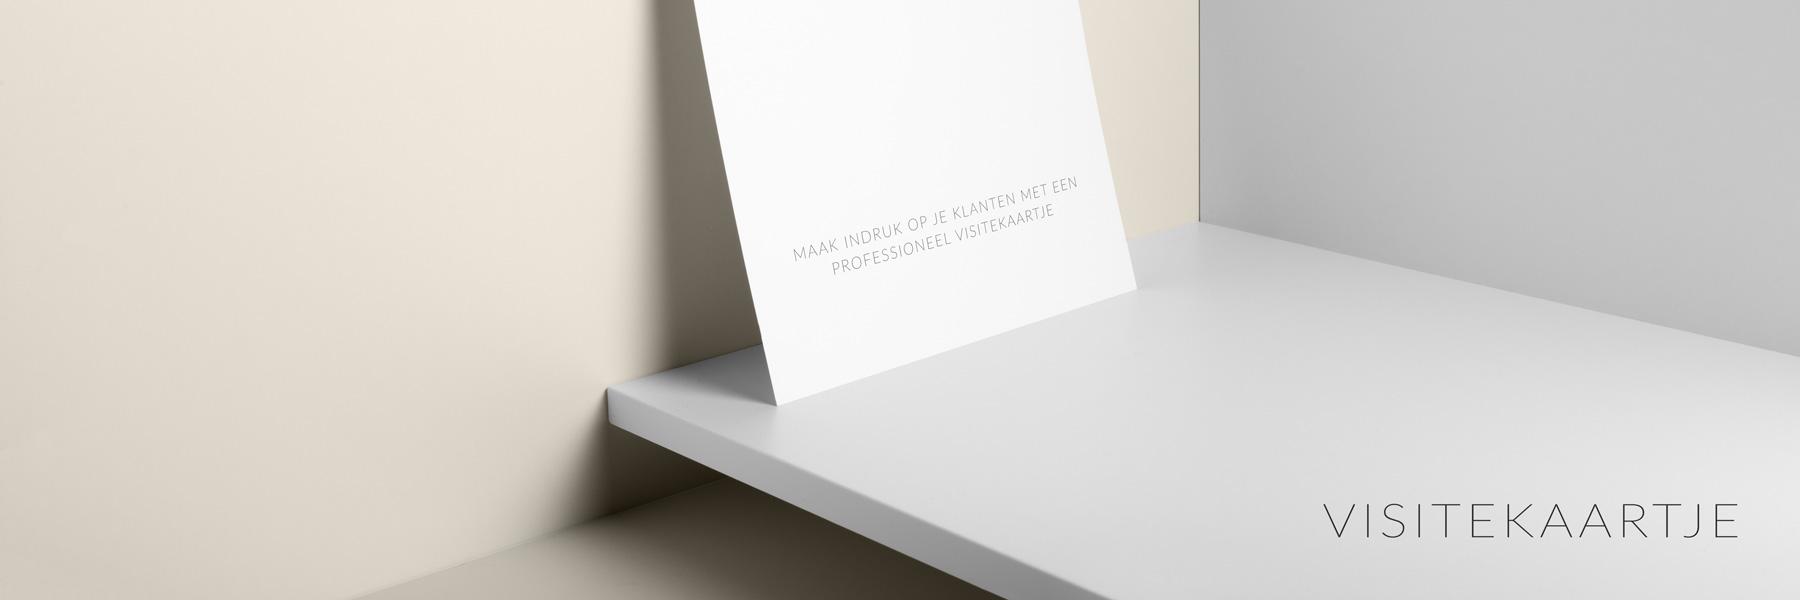 Grafisch zakelijk - visitekaartje - Professioneel ontworpen en gedrukte visitekaartjes maken een wereld van verschil